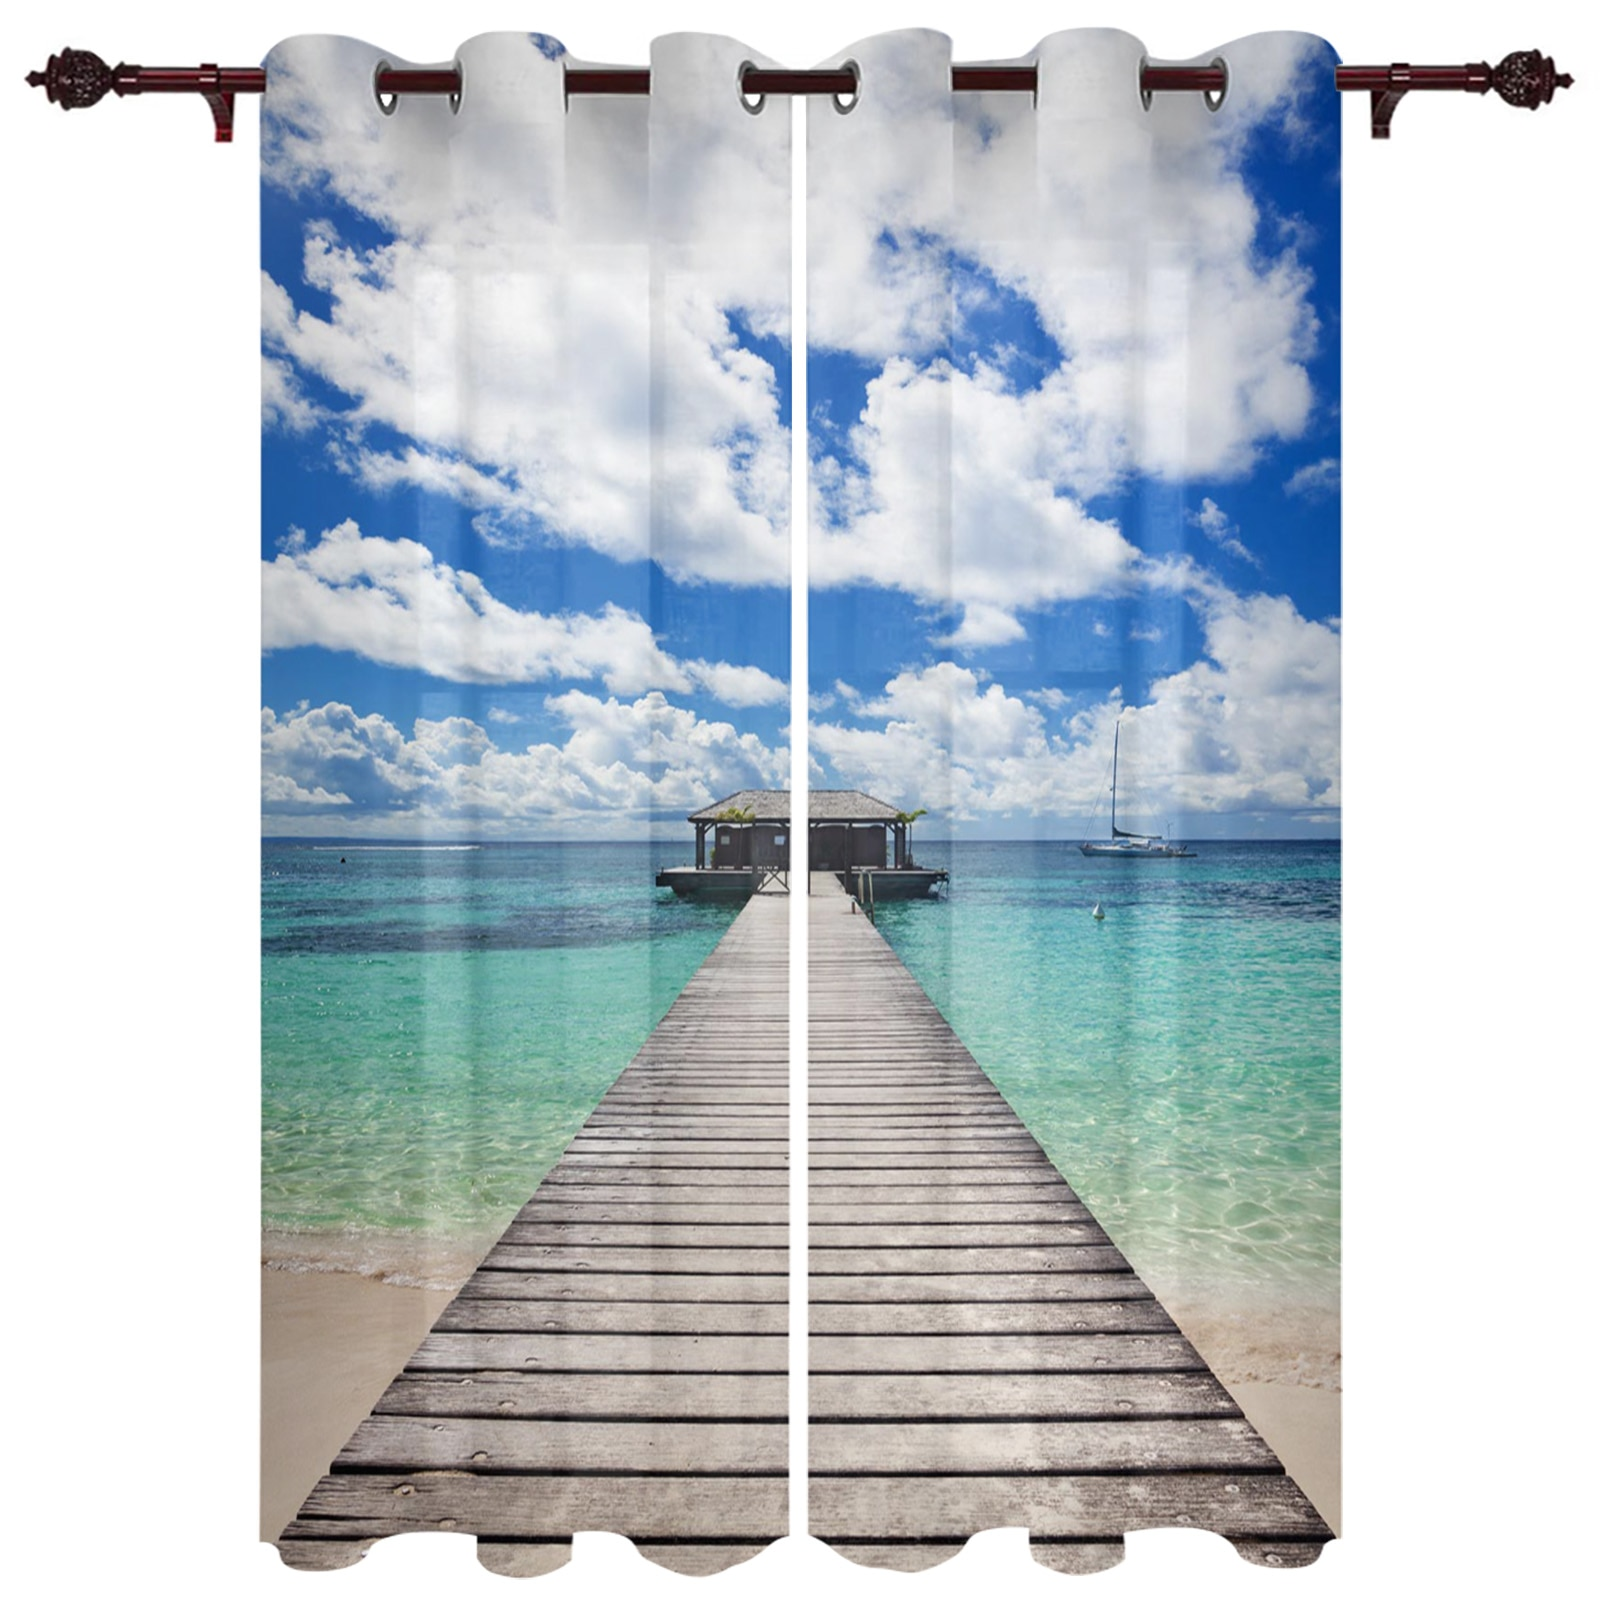 الستائر الحديثة البحر جسر خشبي السماء الشاطئ غرفة المعيشة غرفة نوم كبيرة نافذة الستائر شرفة في الهواء الطلق أكشاك معلقة الستائر